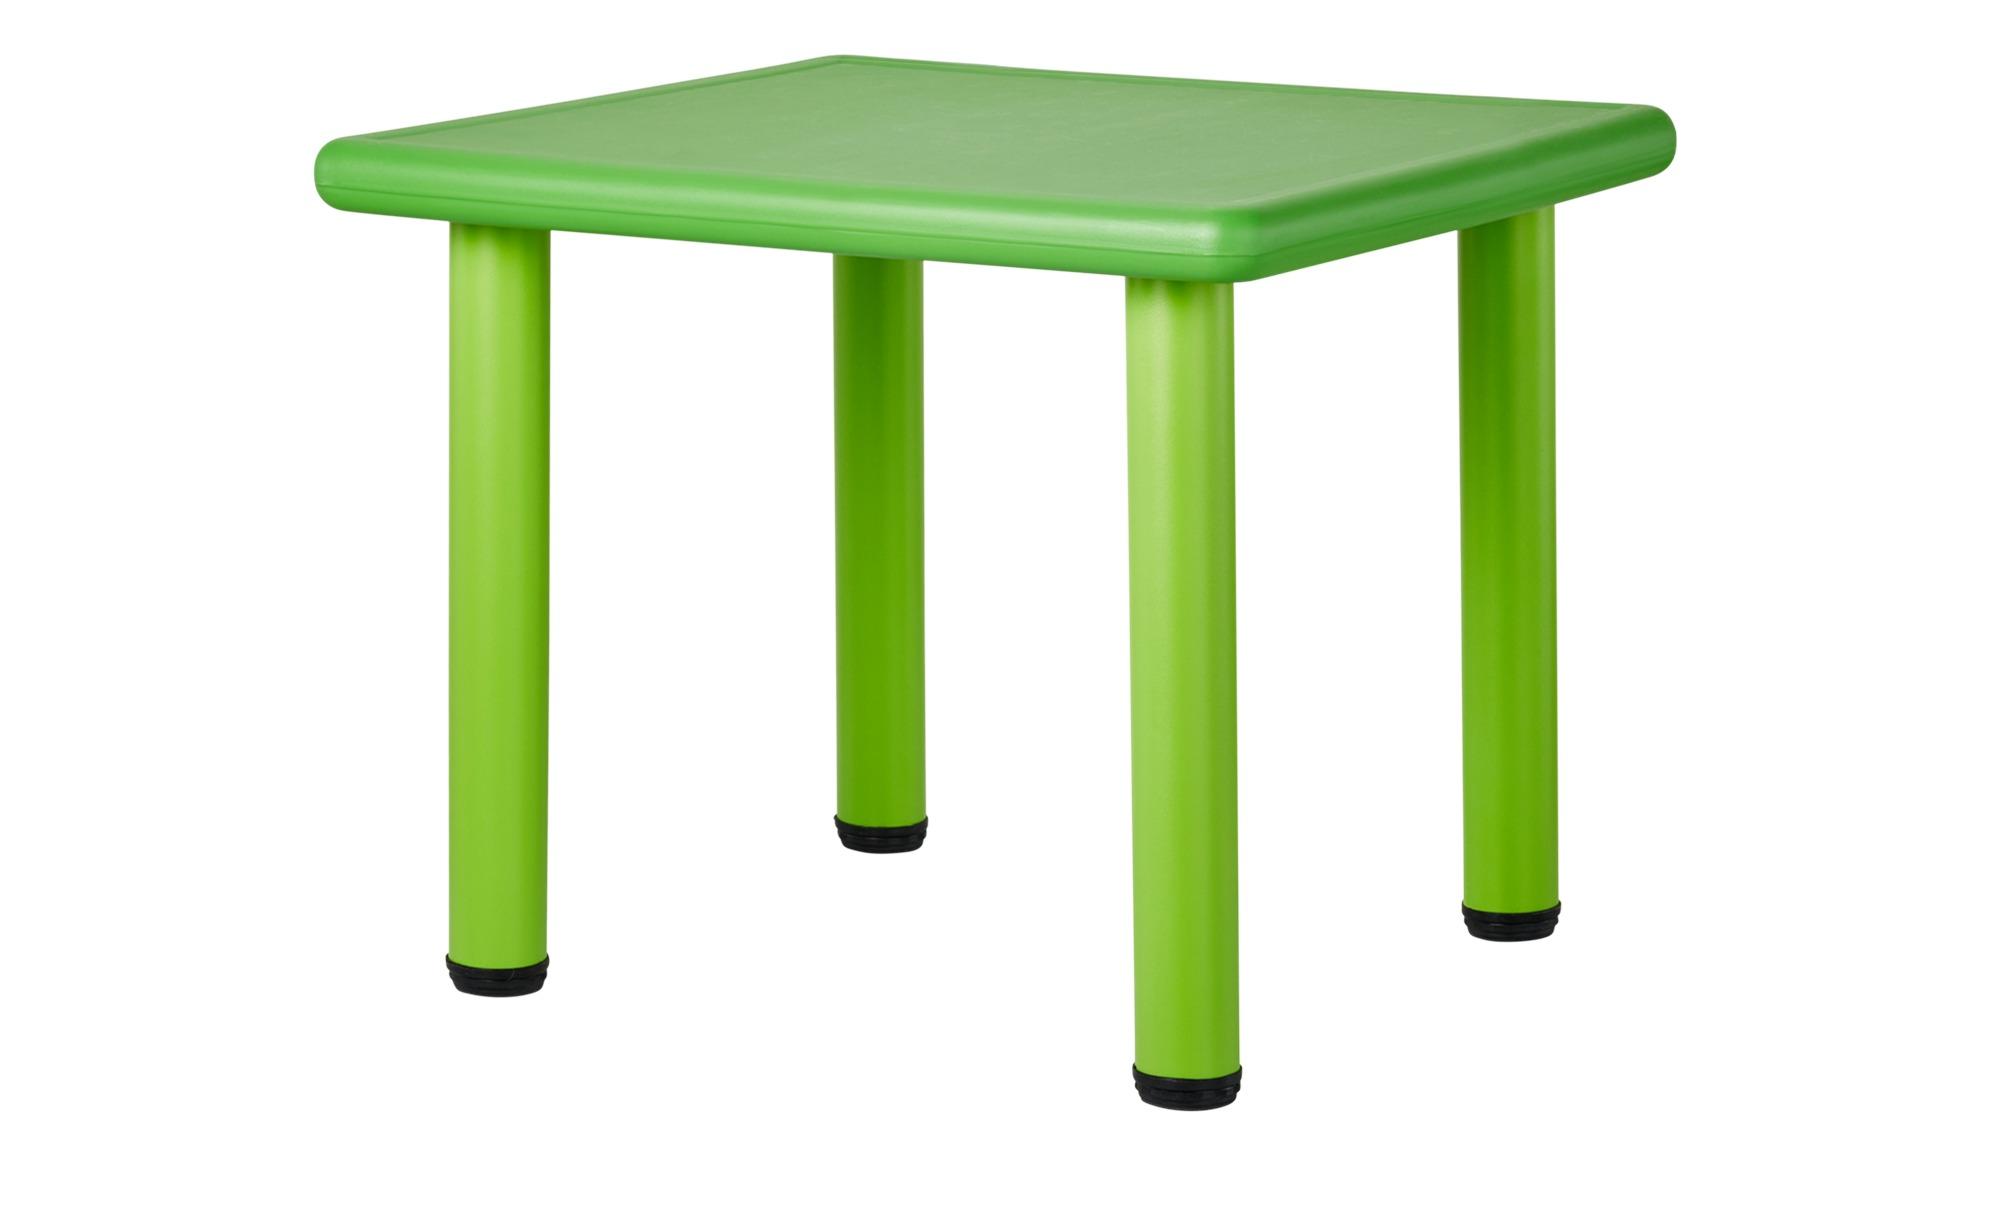 Kindertisch  Kindertisch Grün ¦ grün ¦ Maße (cm): B: 62 H: 50 T: 62 Kindermöbel > Kindertische - Höffner   Kinderzimmer > Kindertische   Möbel Höffner DE